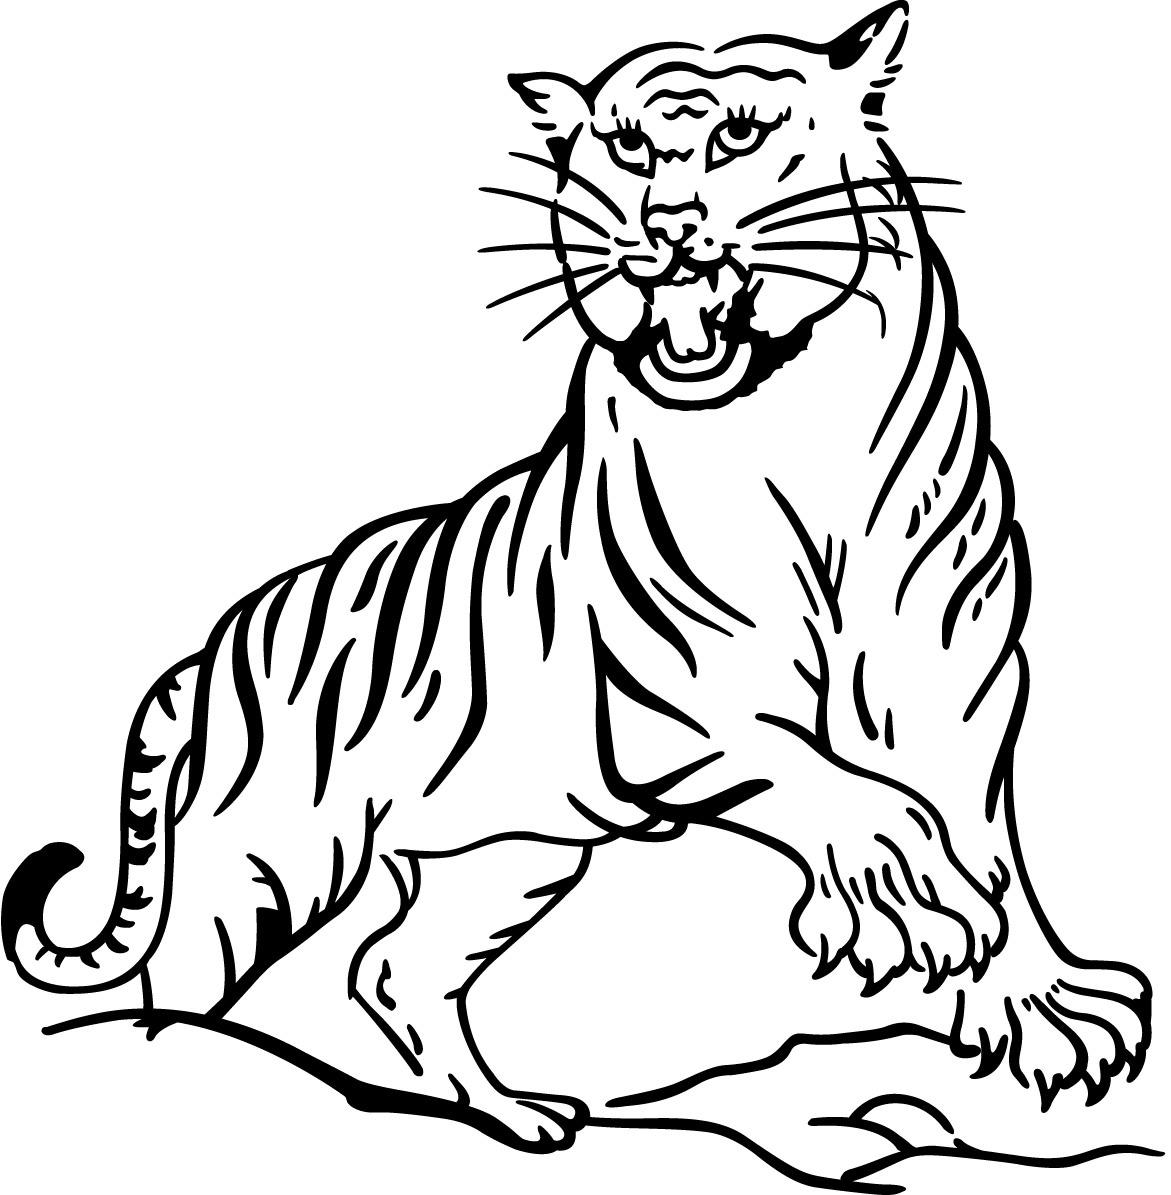 72 Dessins De Coloriage Tigre A Imprimer Sur Laguerche Com Page 2